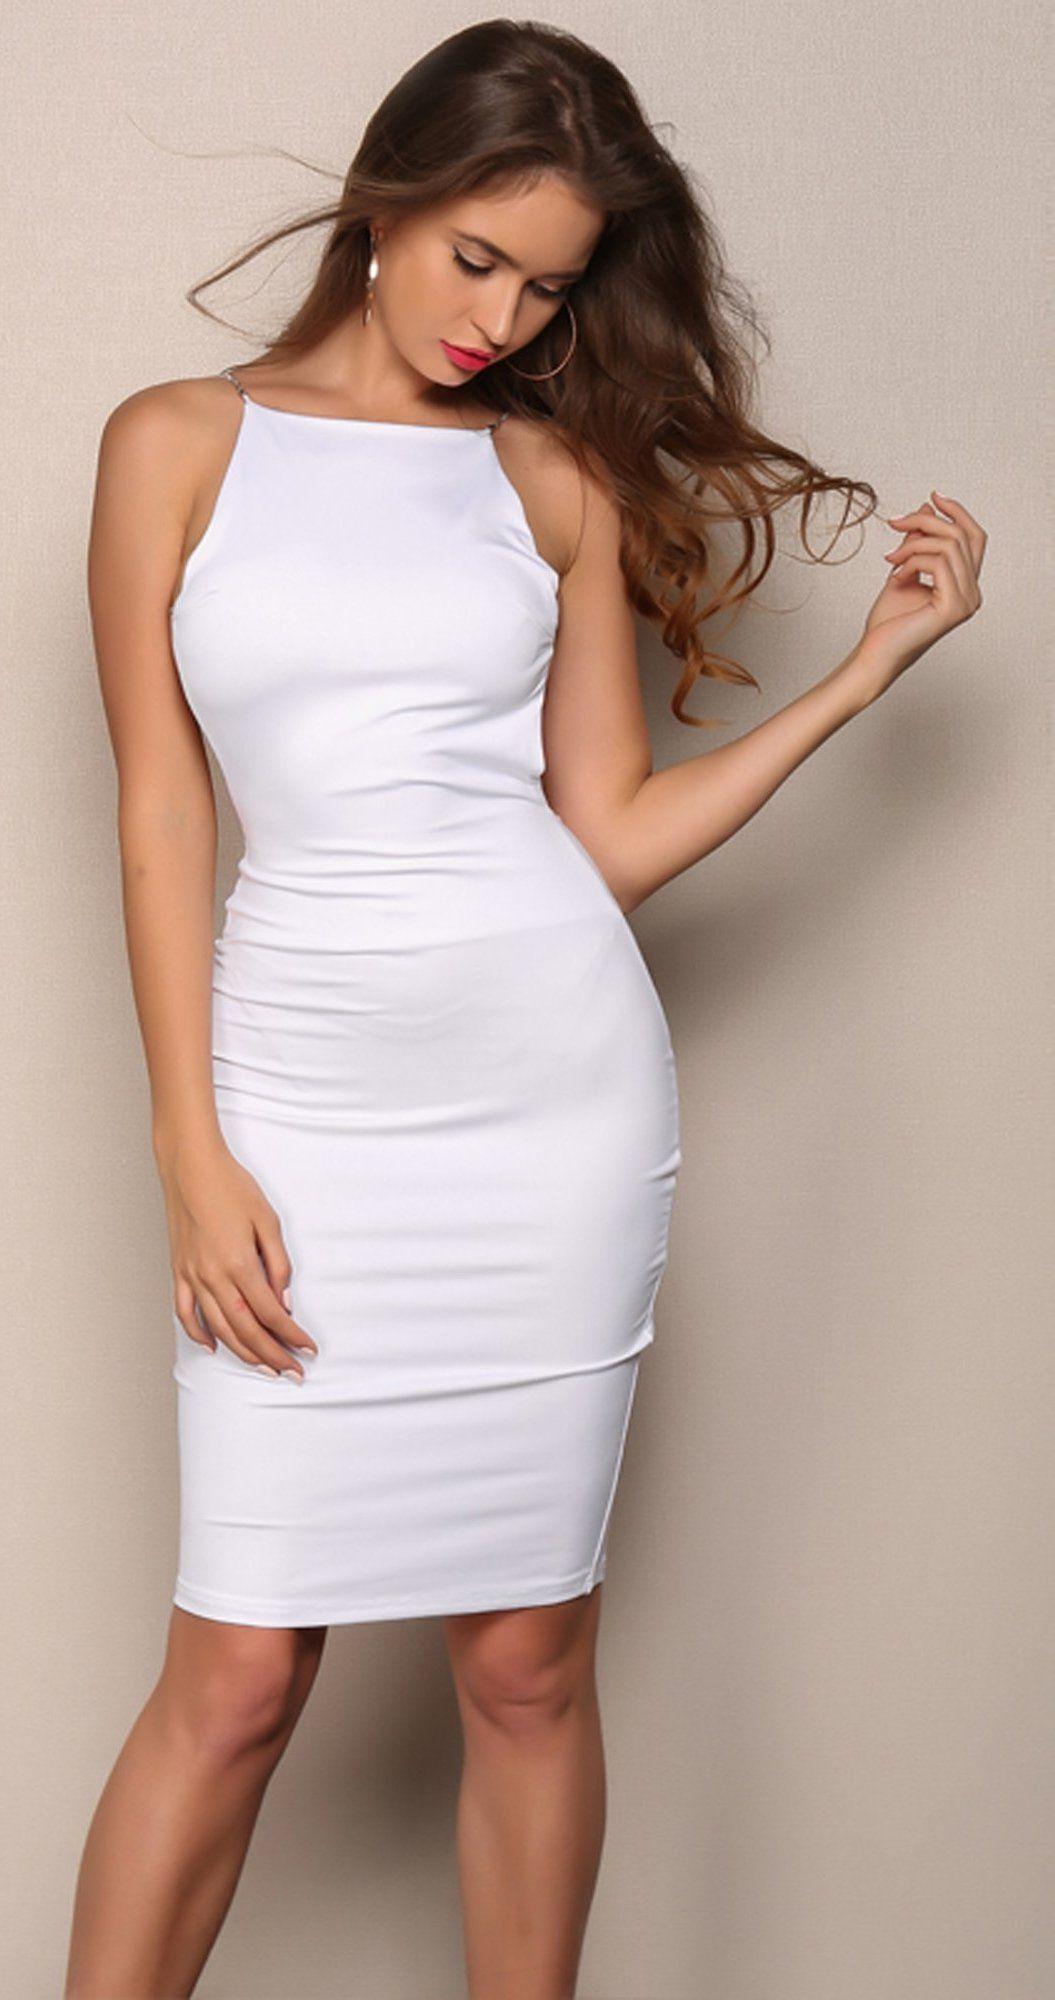 3425730c5 Cocktail Evening Spring Dresses Outfit Ideas for Going Out Party - White  Backless Halter Neck Midi Dress for Women - Vestidos de noche de cóctel  Ideas de ...